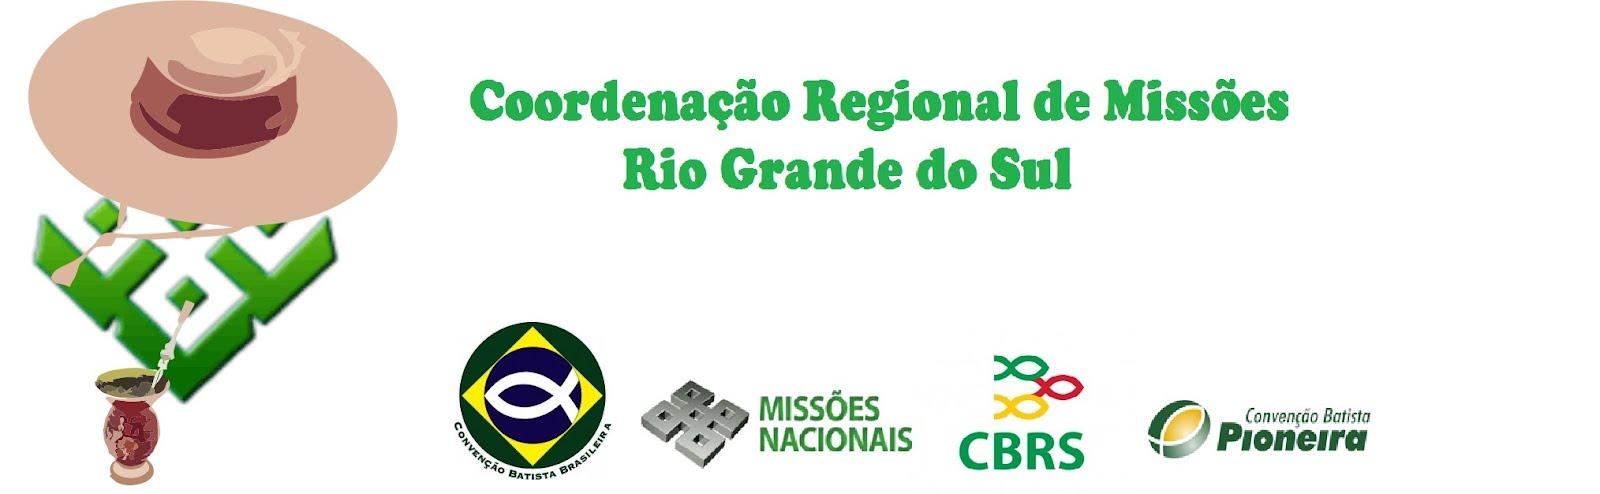 Coordenação Regional de Missões - Rio Grande do Sul